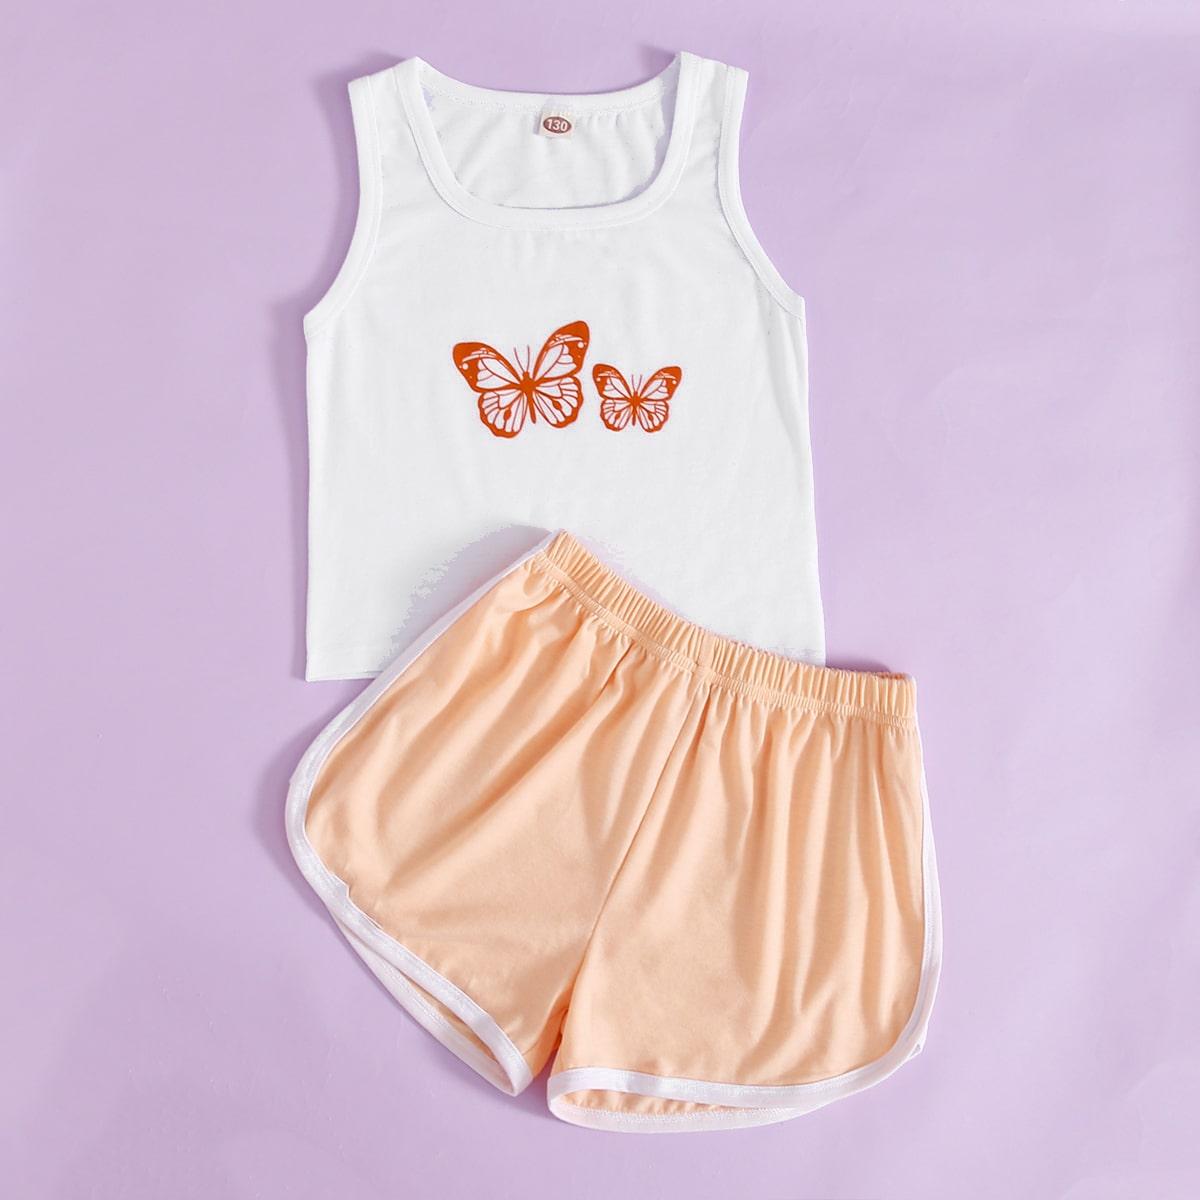 многоцветный Контрастная отделка Животный принт Спортивный Домашняя одежда для девочек от SHEIN